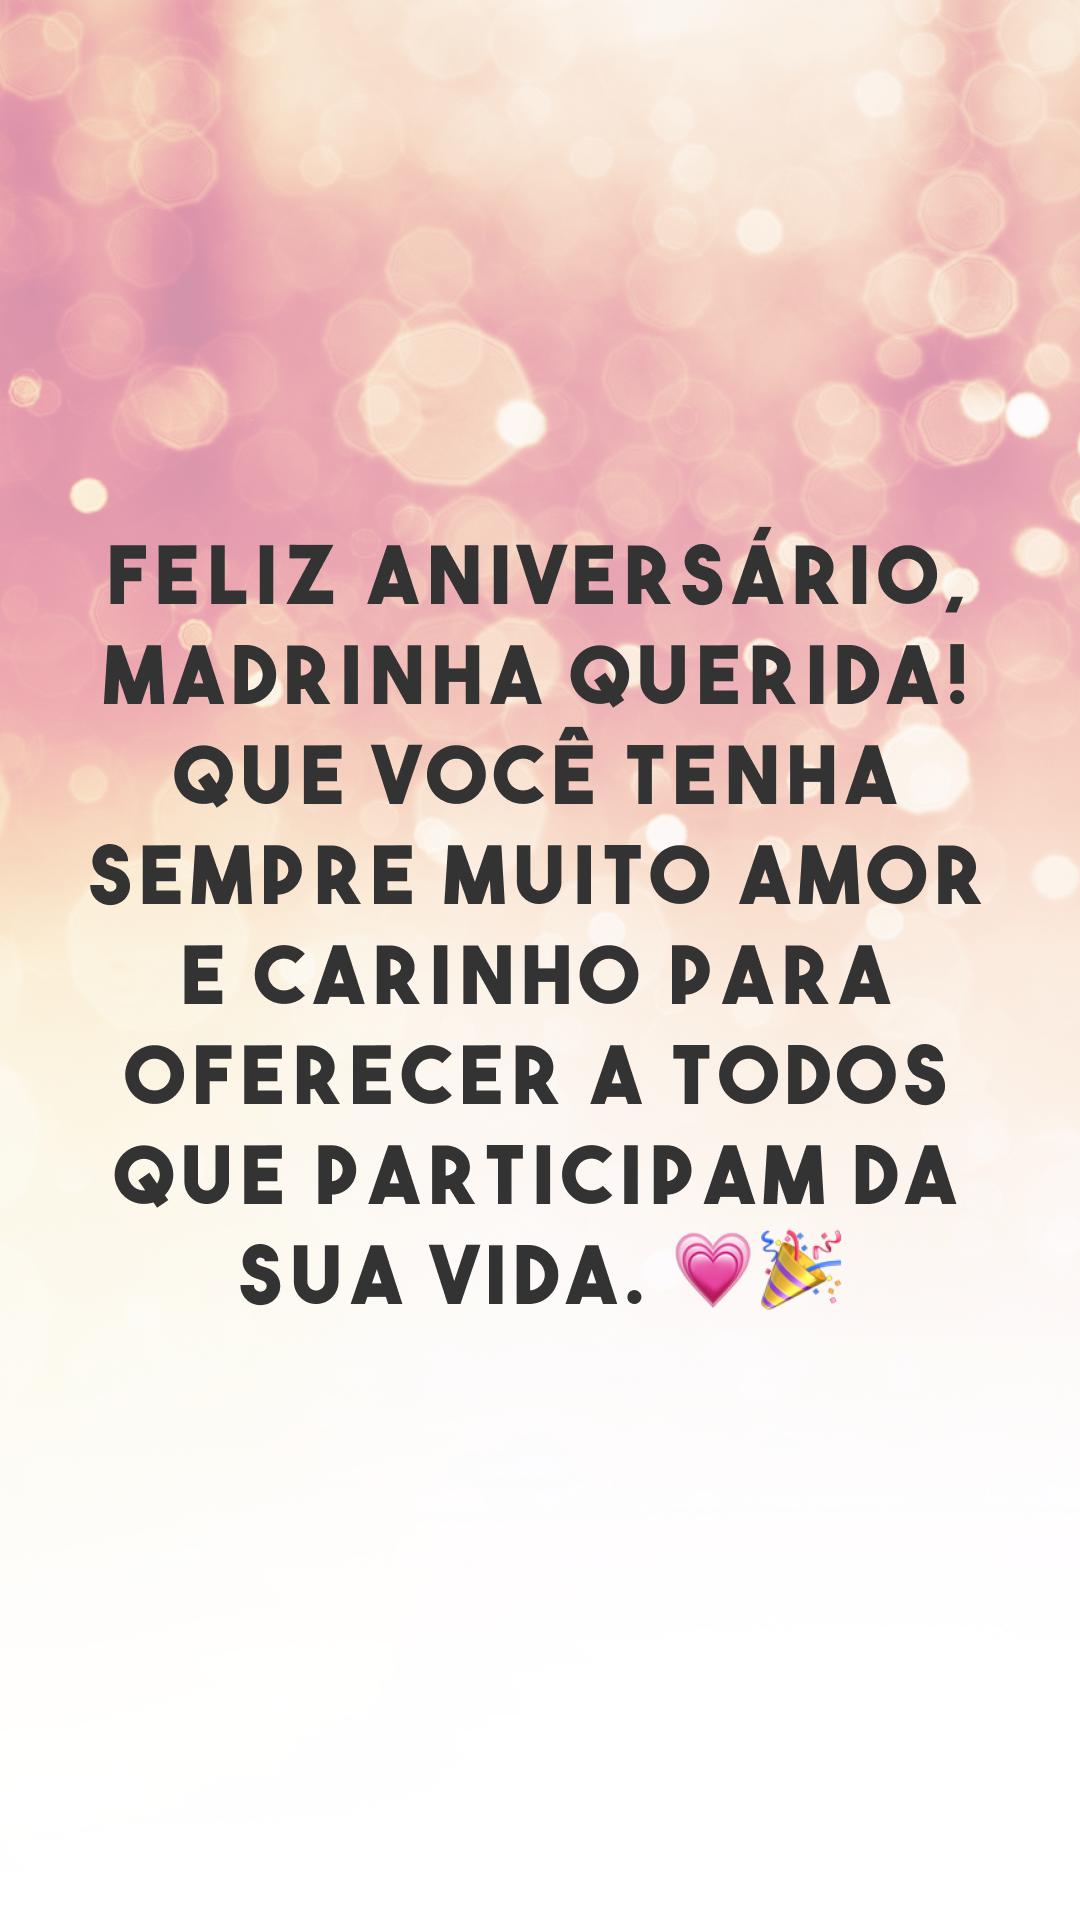 Feliz aniversário, madrinha querida! Que você tenha sempre muito amor e carinho para oferecer a todos que participam da sua vida. 💗🎉